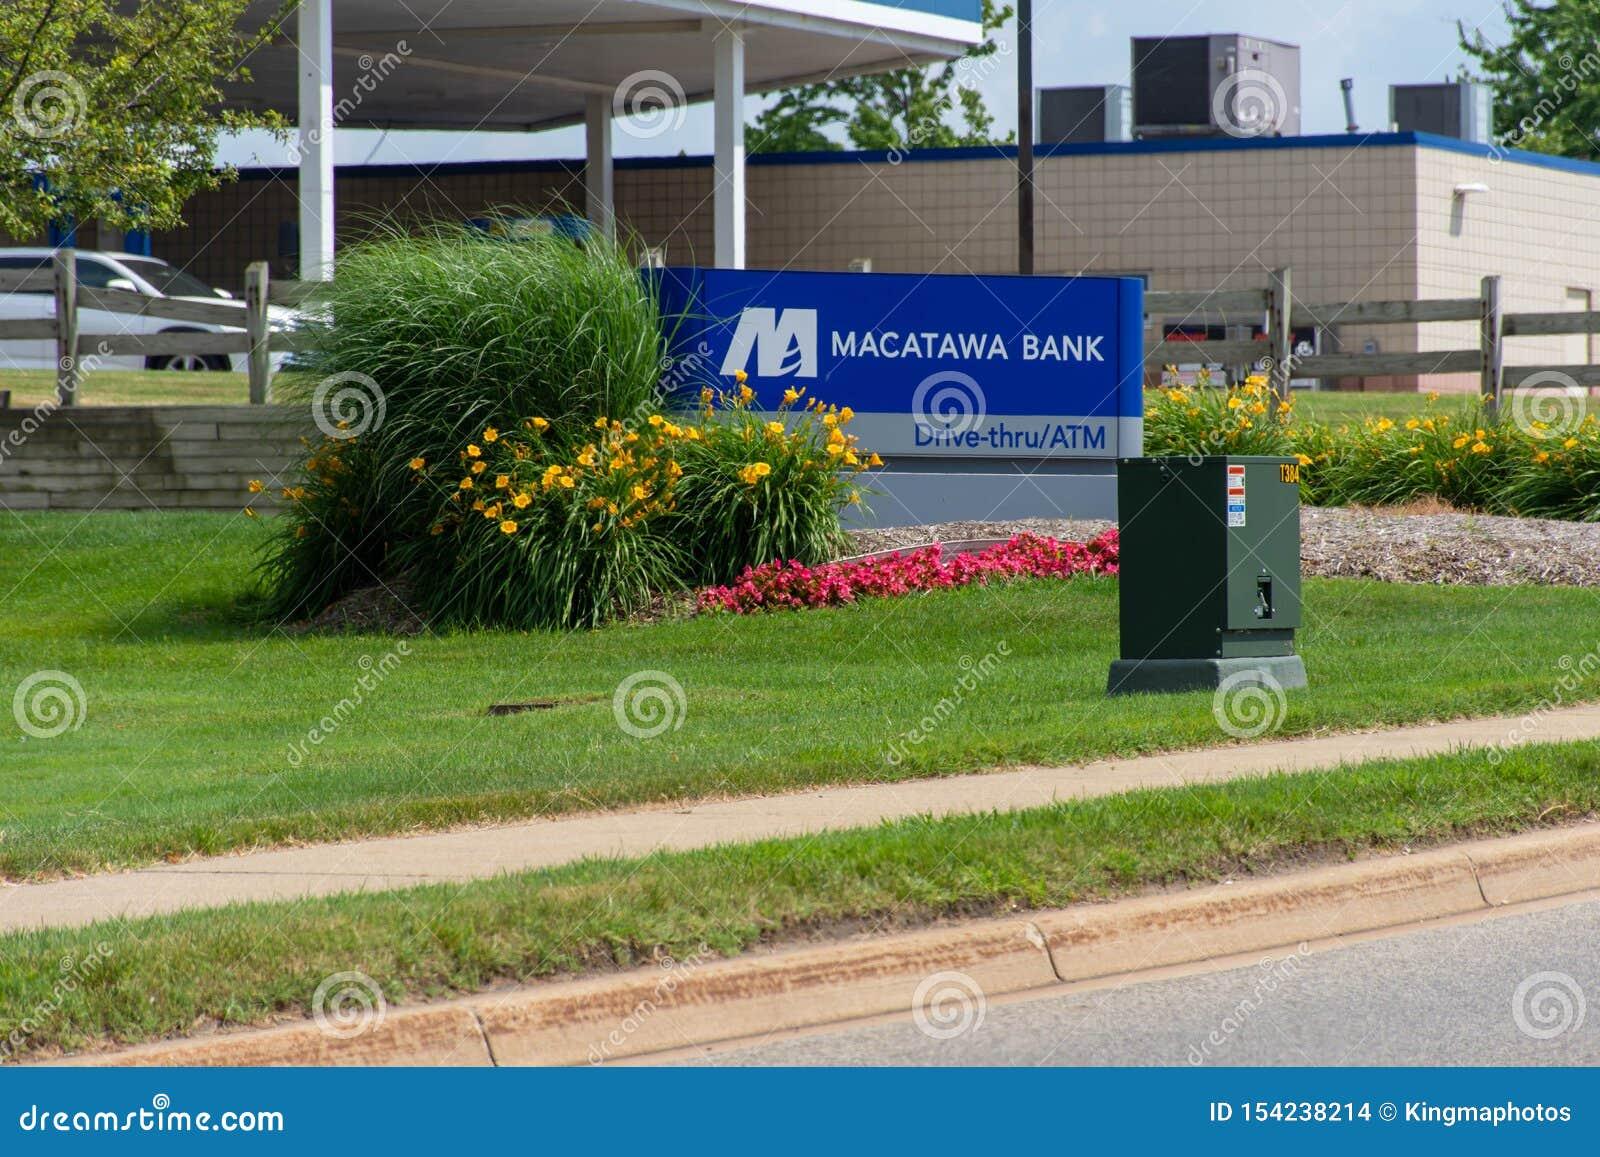 与驱动,通过atm和花的蓝色Macatawa银行标志在绿草和天空蔚蓝